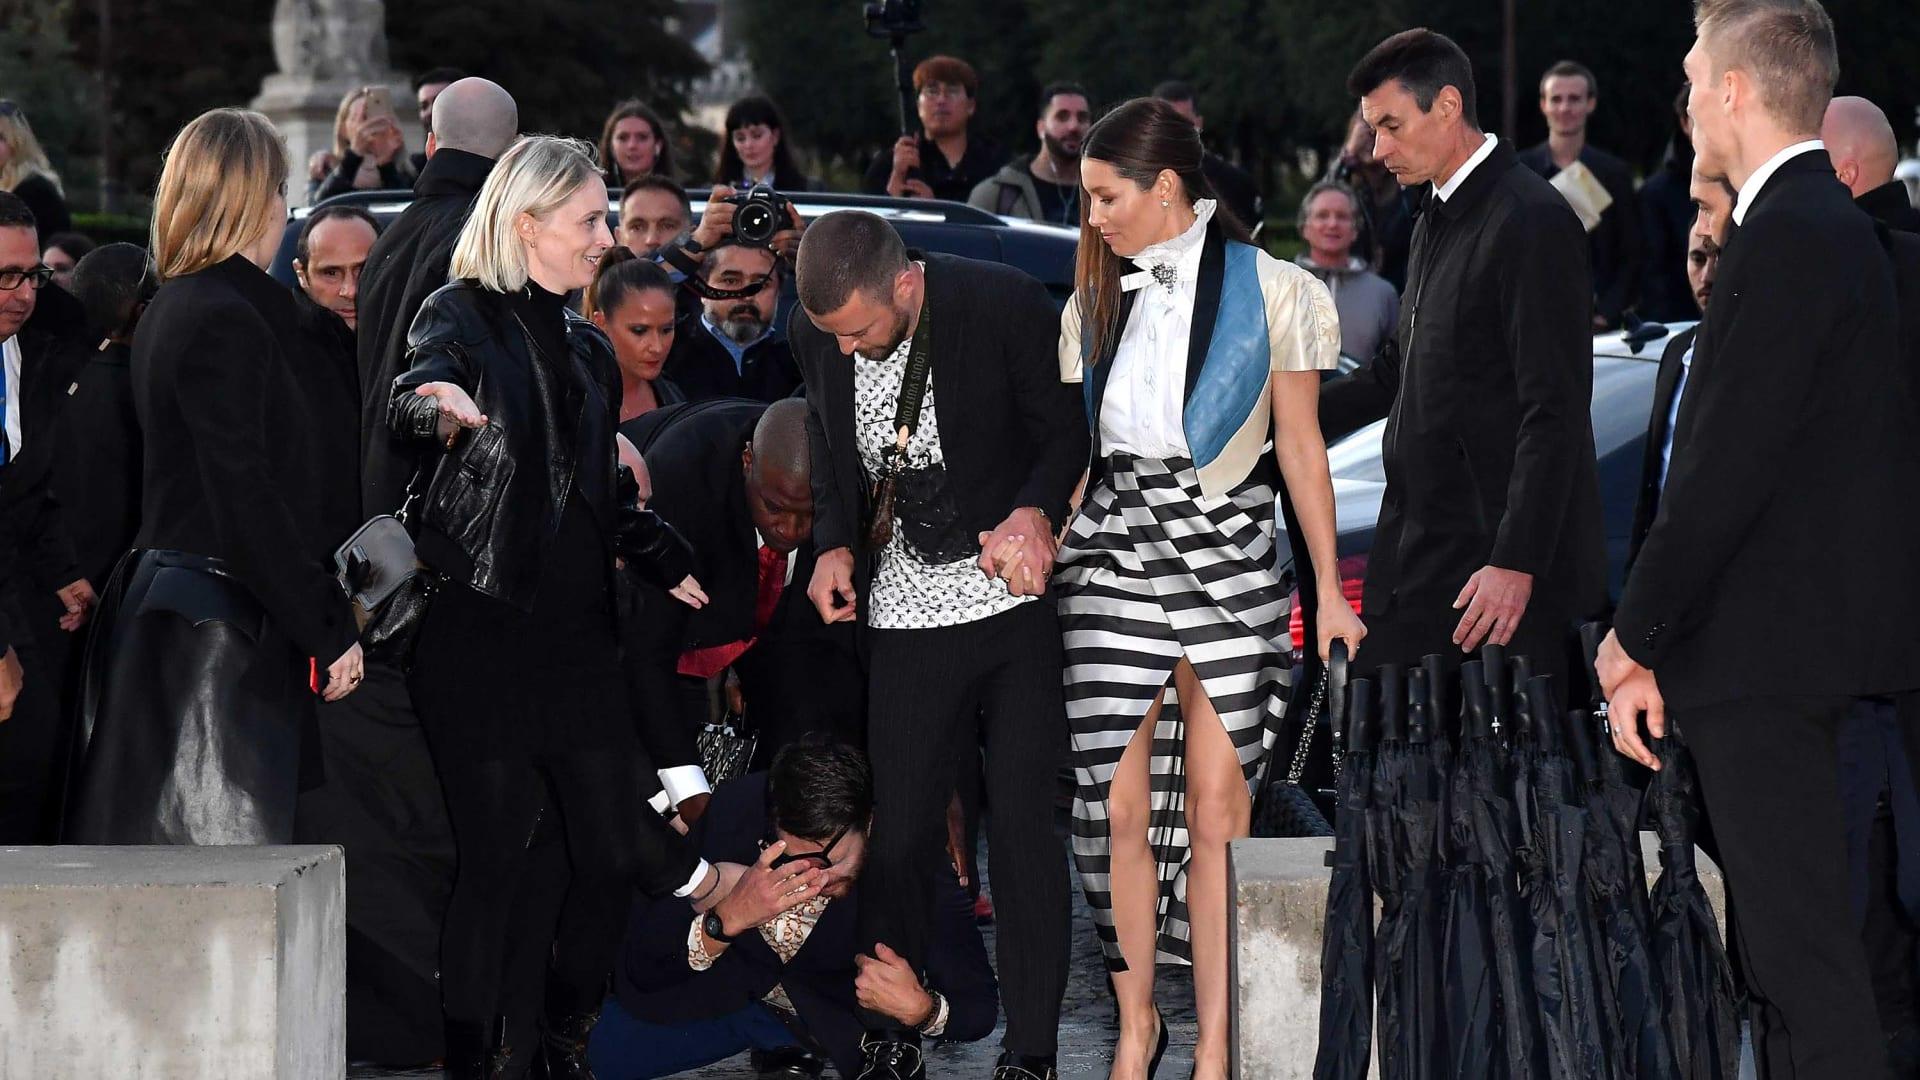 المغني جاستين تيمبرليك يتعرض إلى هجوم في أسبوع باريس للموضة من قبل منفذ المقالب فيتالي سيدوك